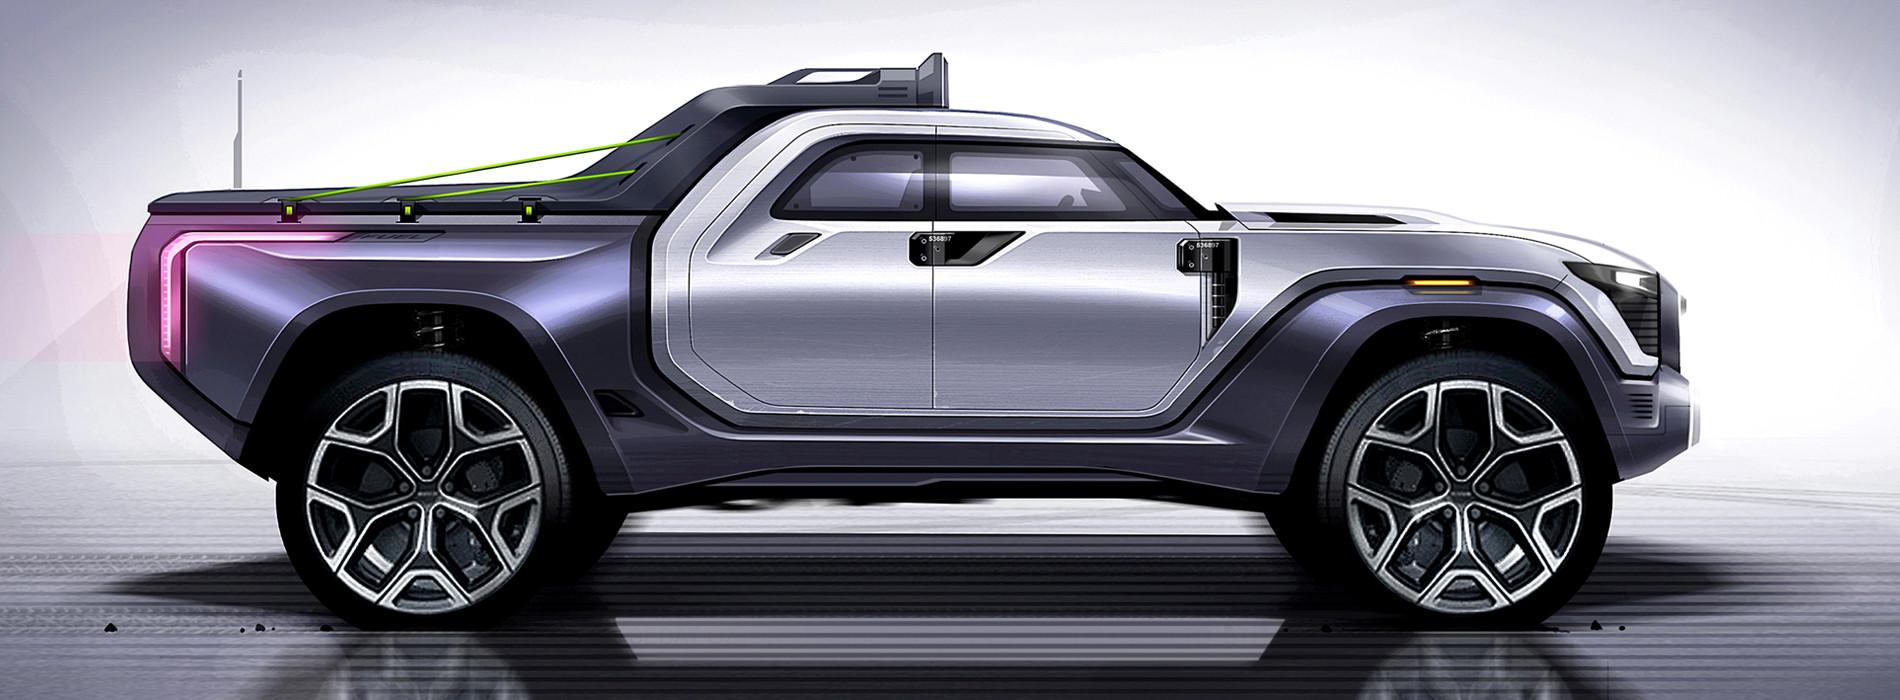 Sedat Öztürk Araç Tasarımları